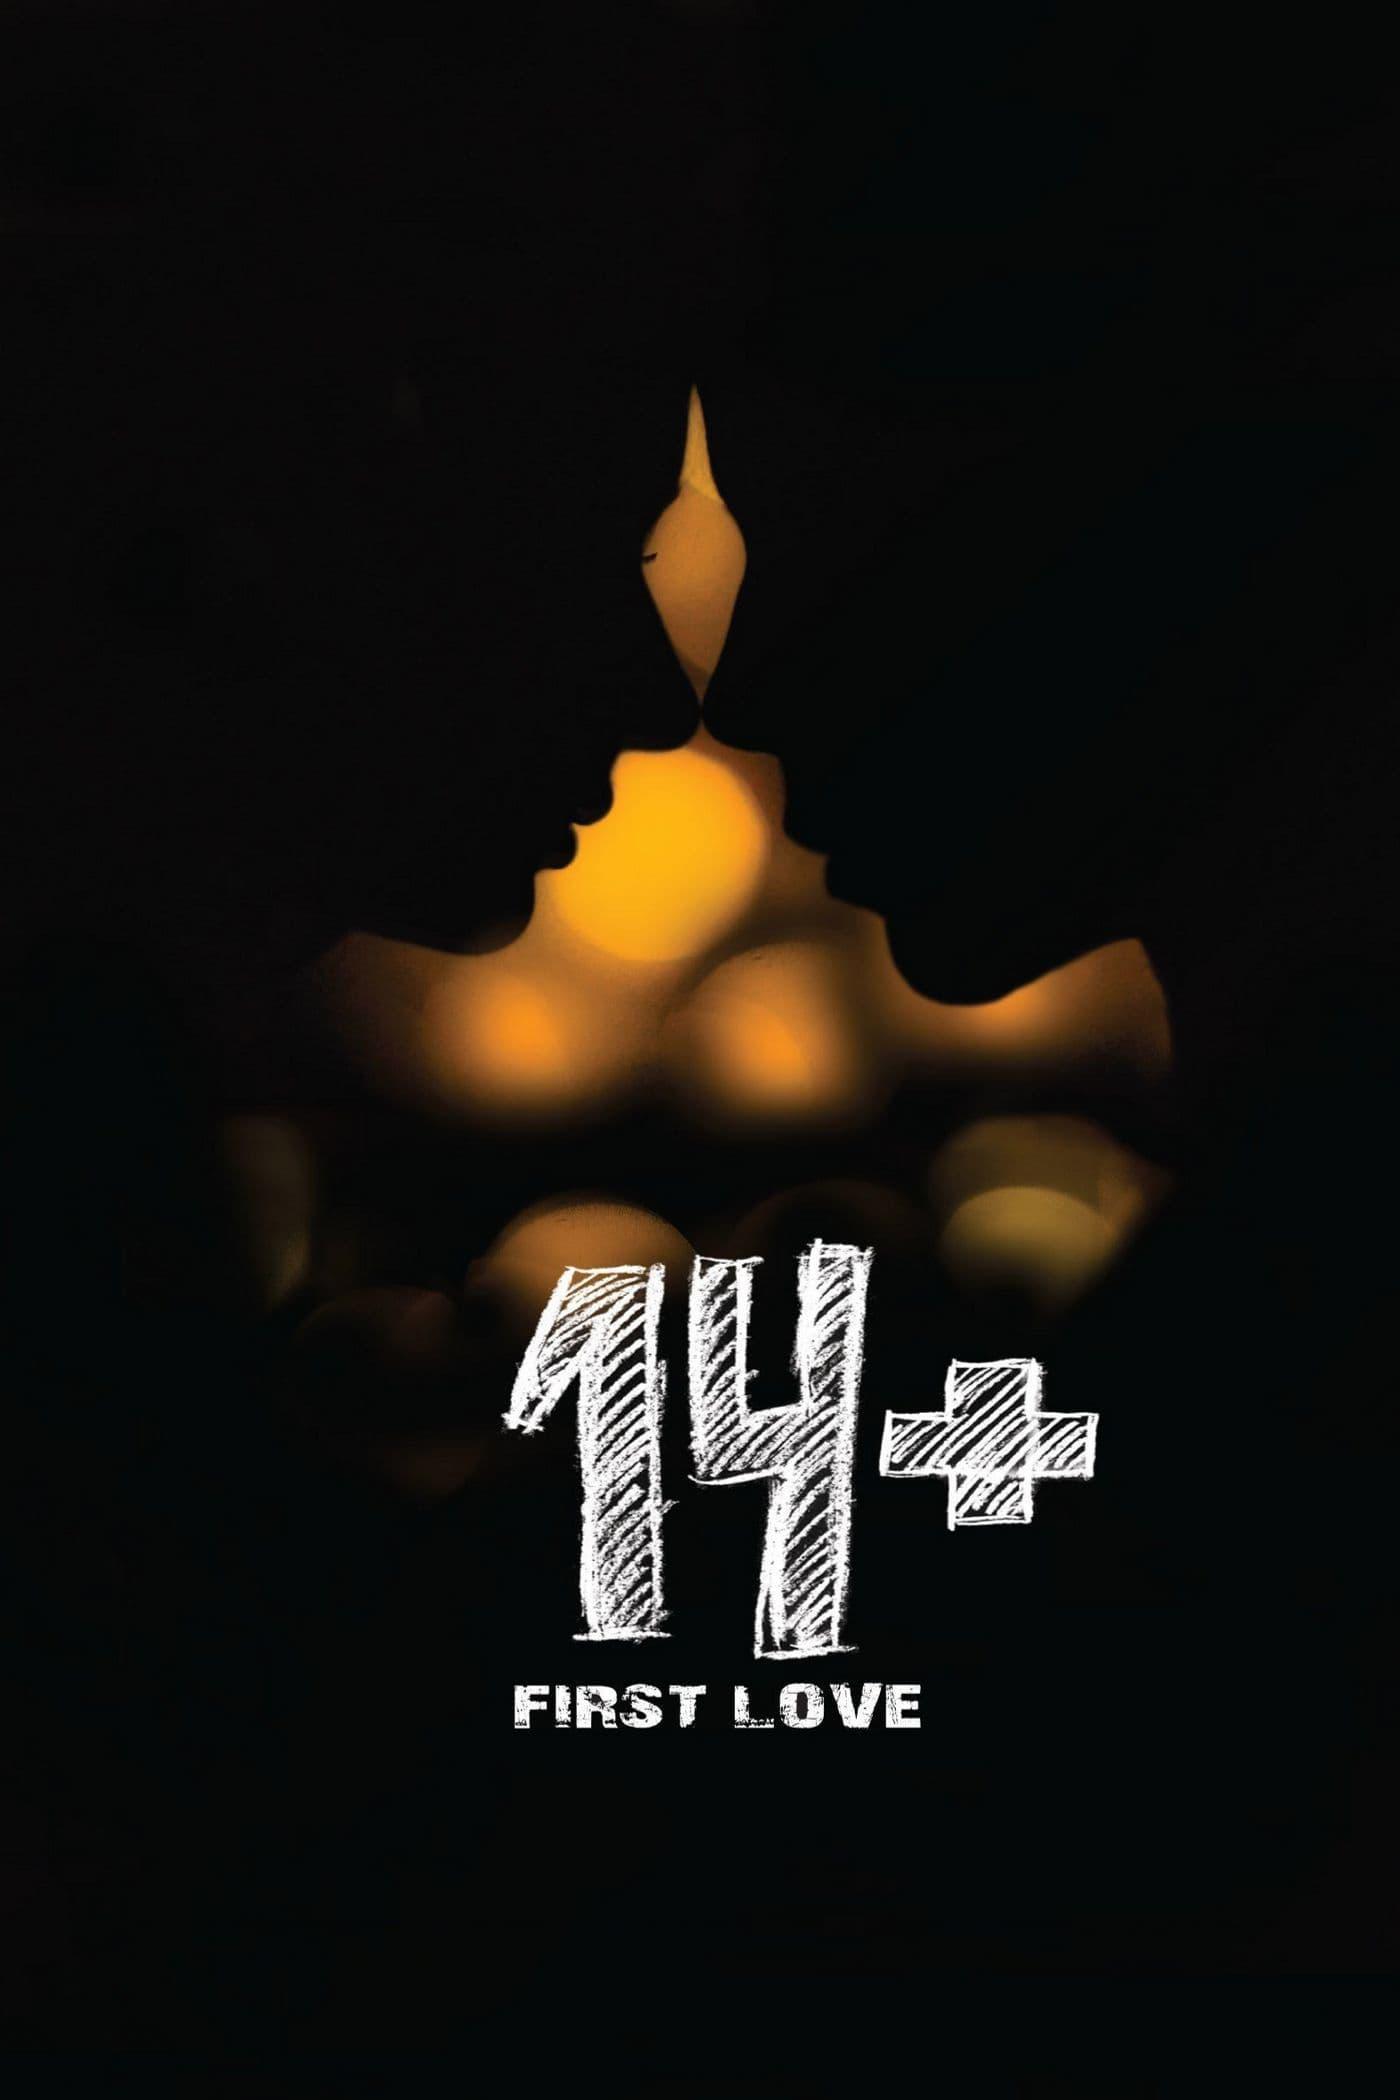 14 ans, premier amour